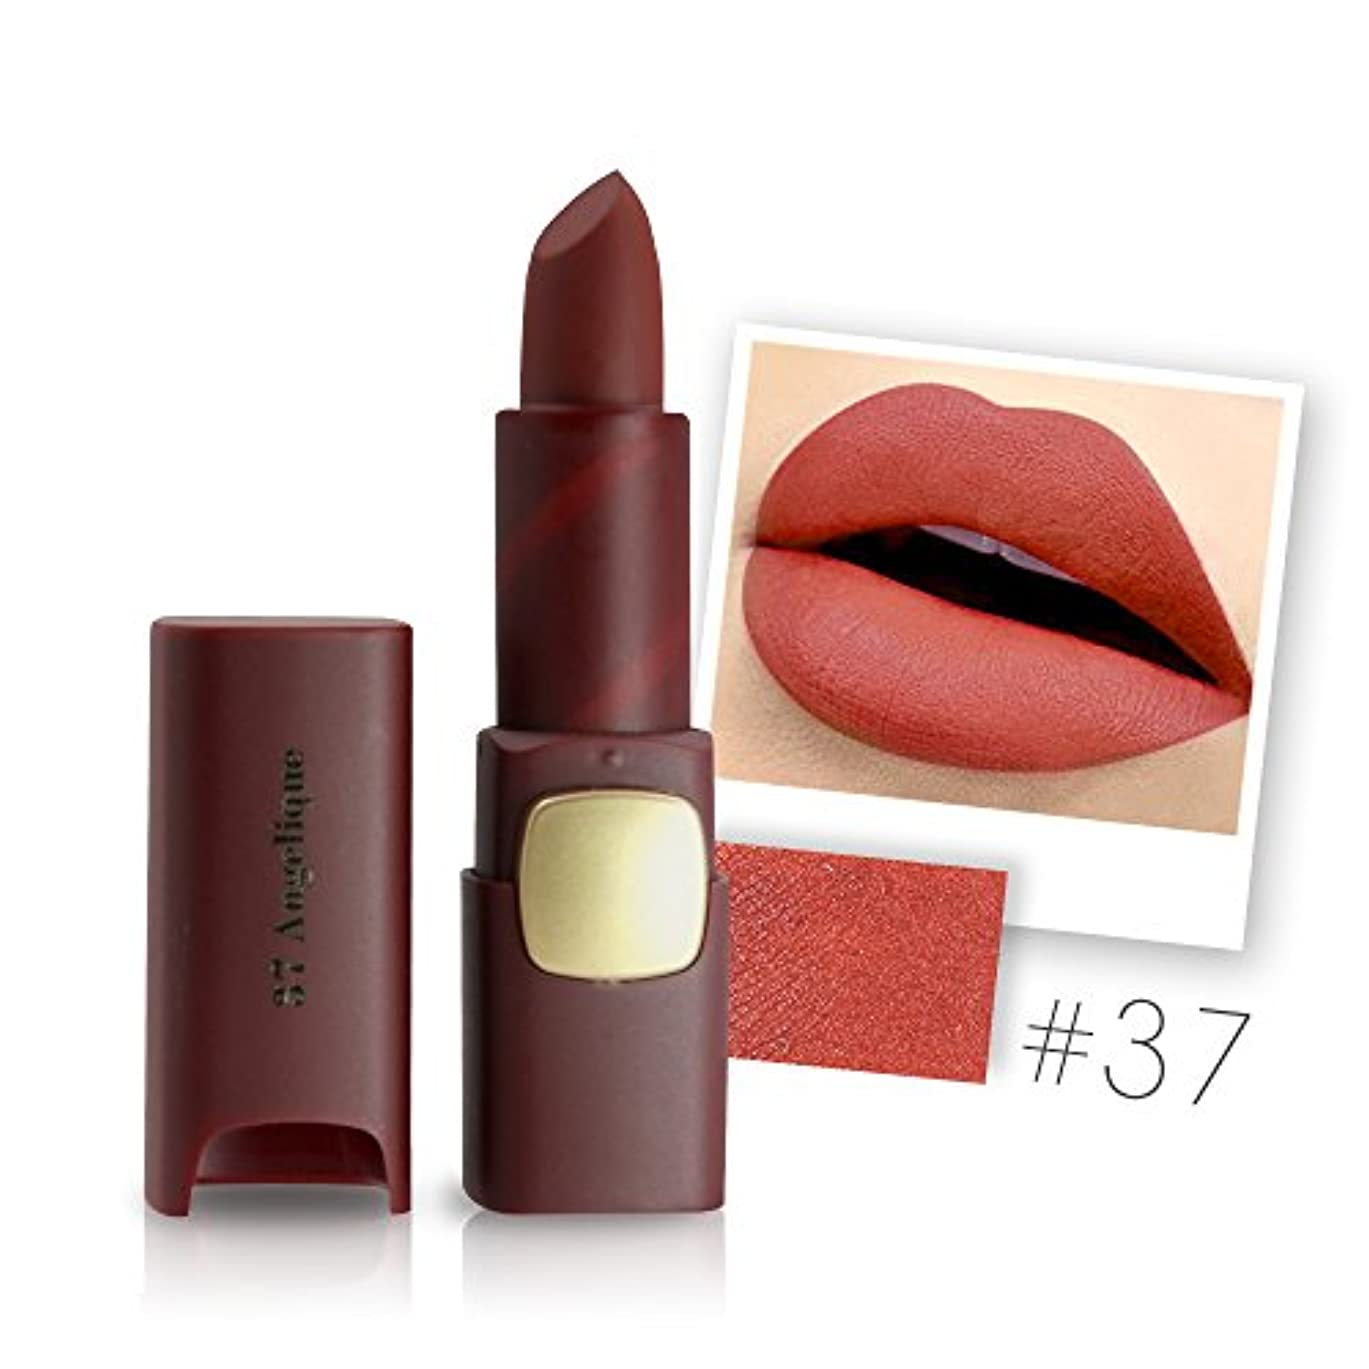 レガシーペット間違いなくMiss Rose Brand Matte Lipstick Waterproof Lips Moisturizing Easy To Wear Makeup Lip Sticks Gloss Lipsticks Cosmetic